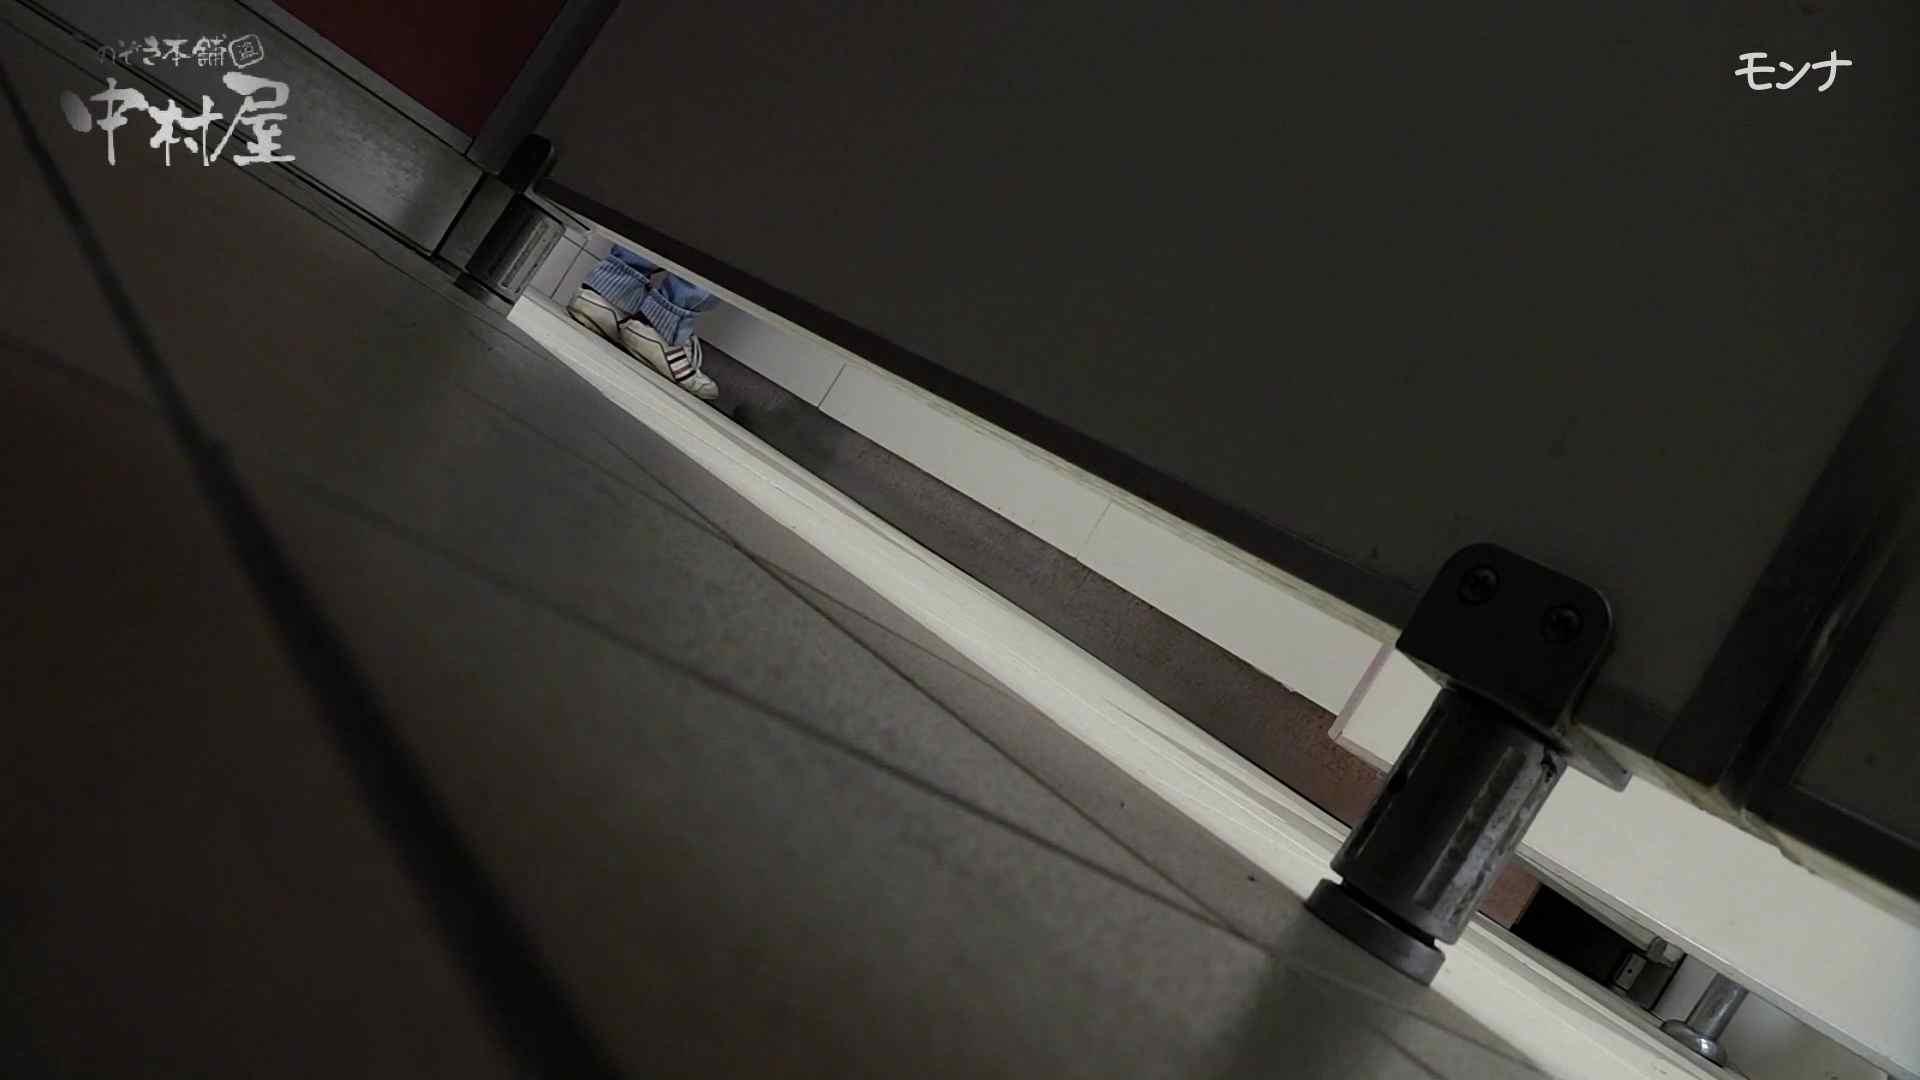 美しい日本の未来 No.49 何があった?カメラ持ちながらみんなの前に!潜り抜け 後編 覗き 盗撮ヌード画像 45PICs 20